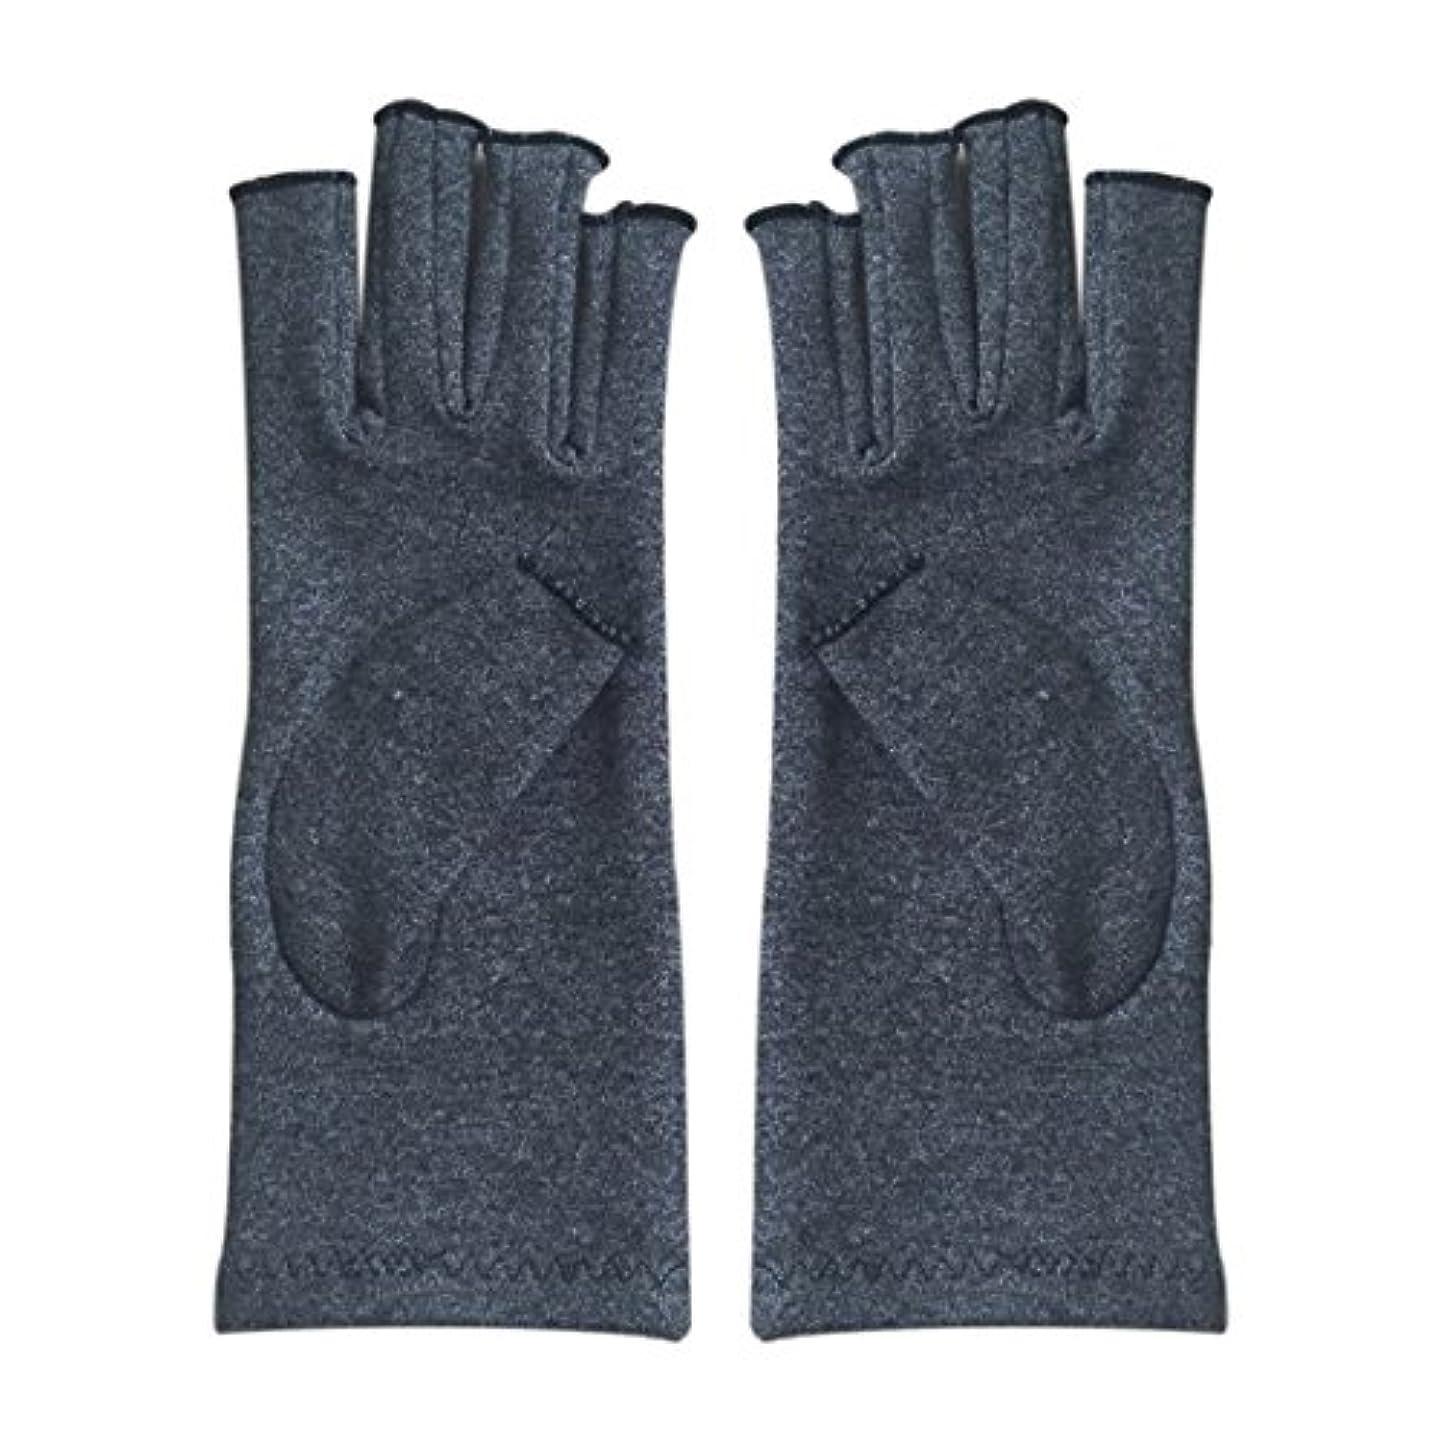 がんばり続けるコンデンサー風SODIAL 1ペア成人男性女性用弾性コットンコンプレッション手袋手関節炎関節痛鎮痛軽減S -灰色、S